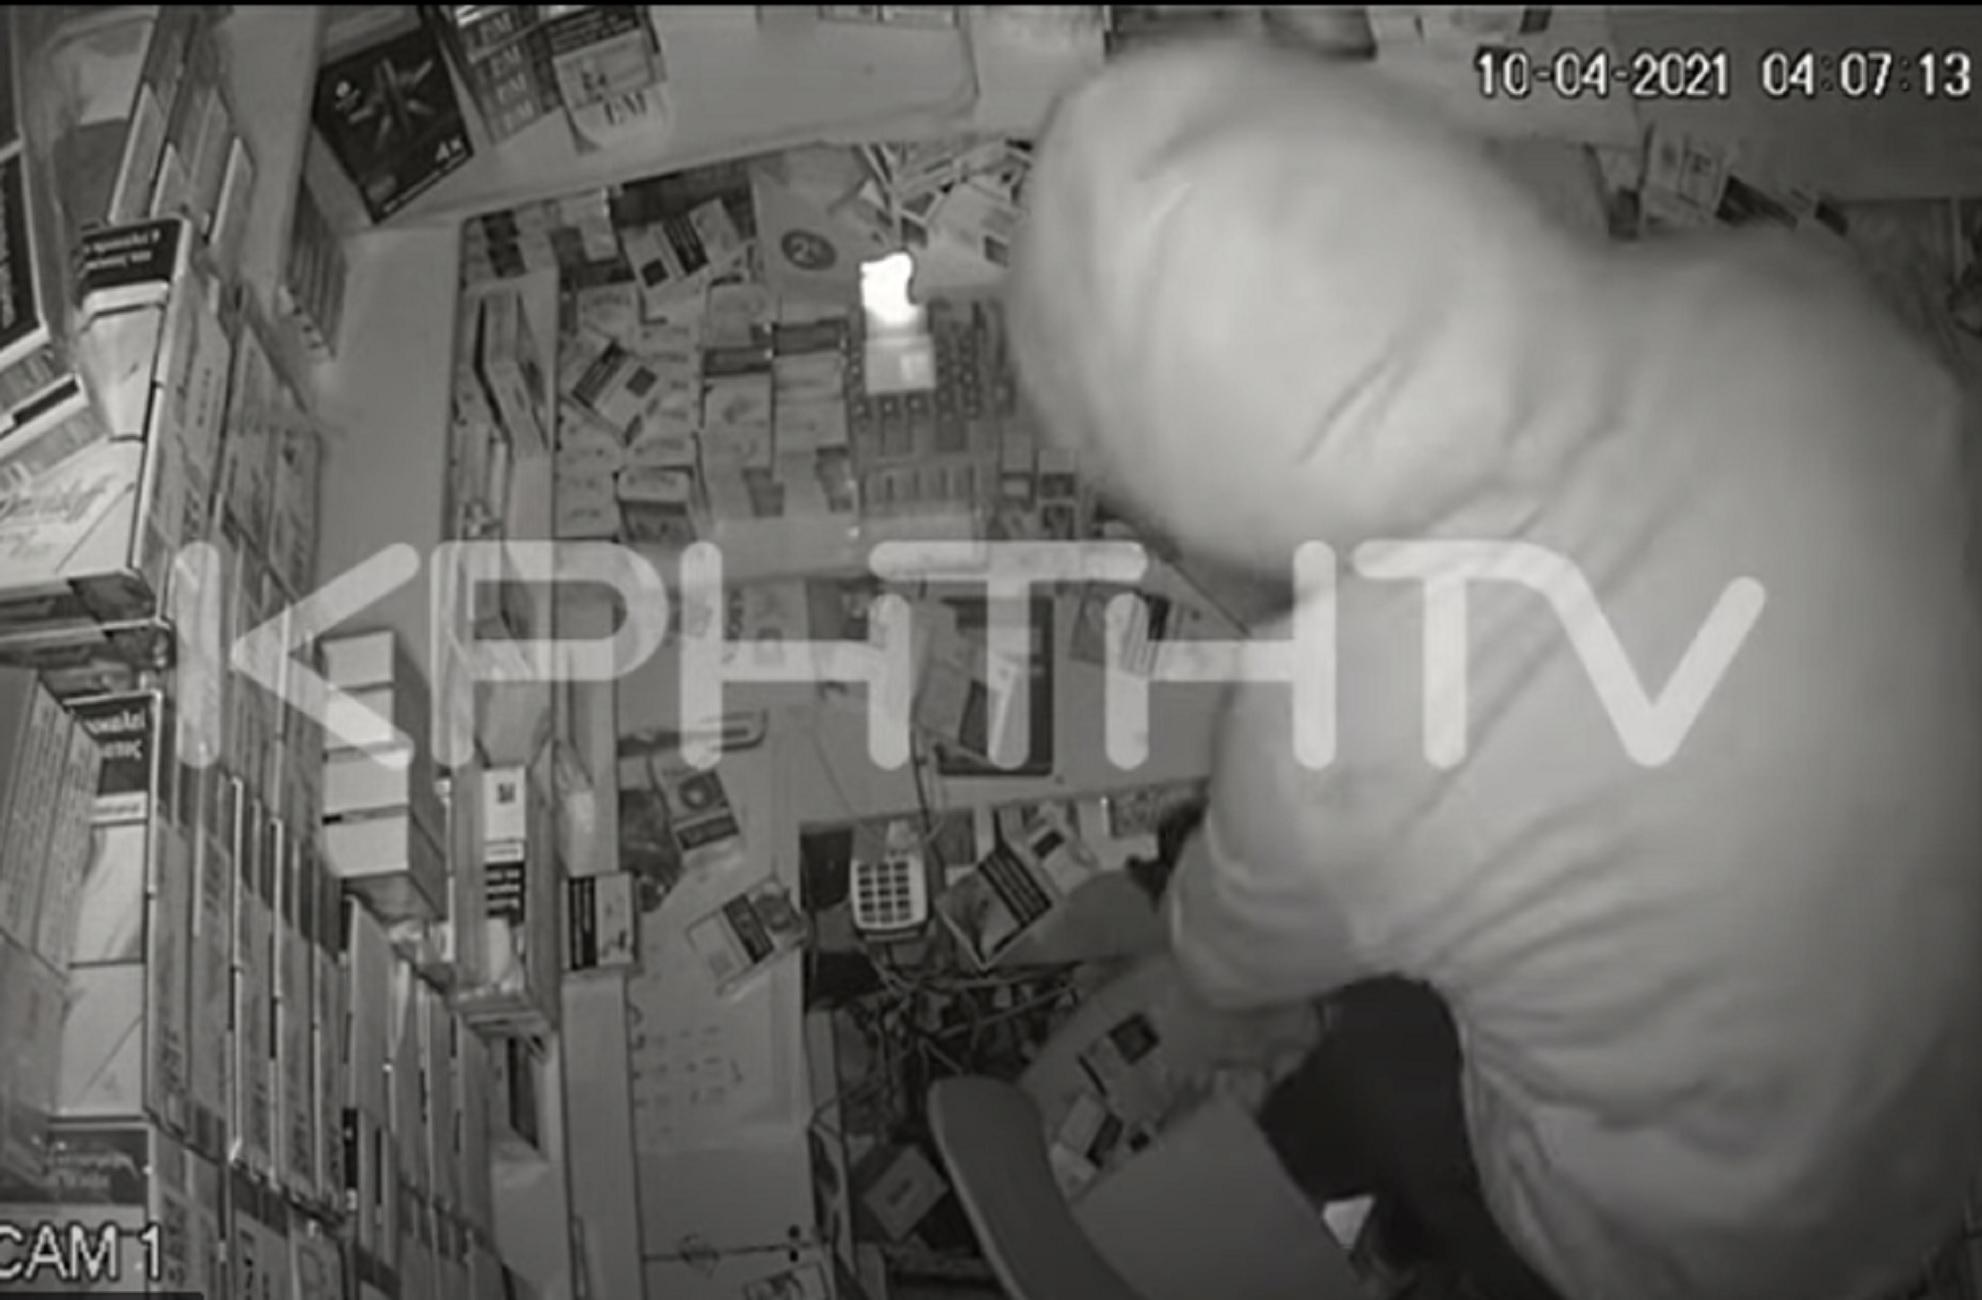 Ηράκλειο: Οι διαρρήκτες έκλεβαν επί 4 ολόκληρες ώρες – Δείτε τις απίθανες εικόνες στο βίντεο ντοκουμέντο